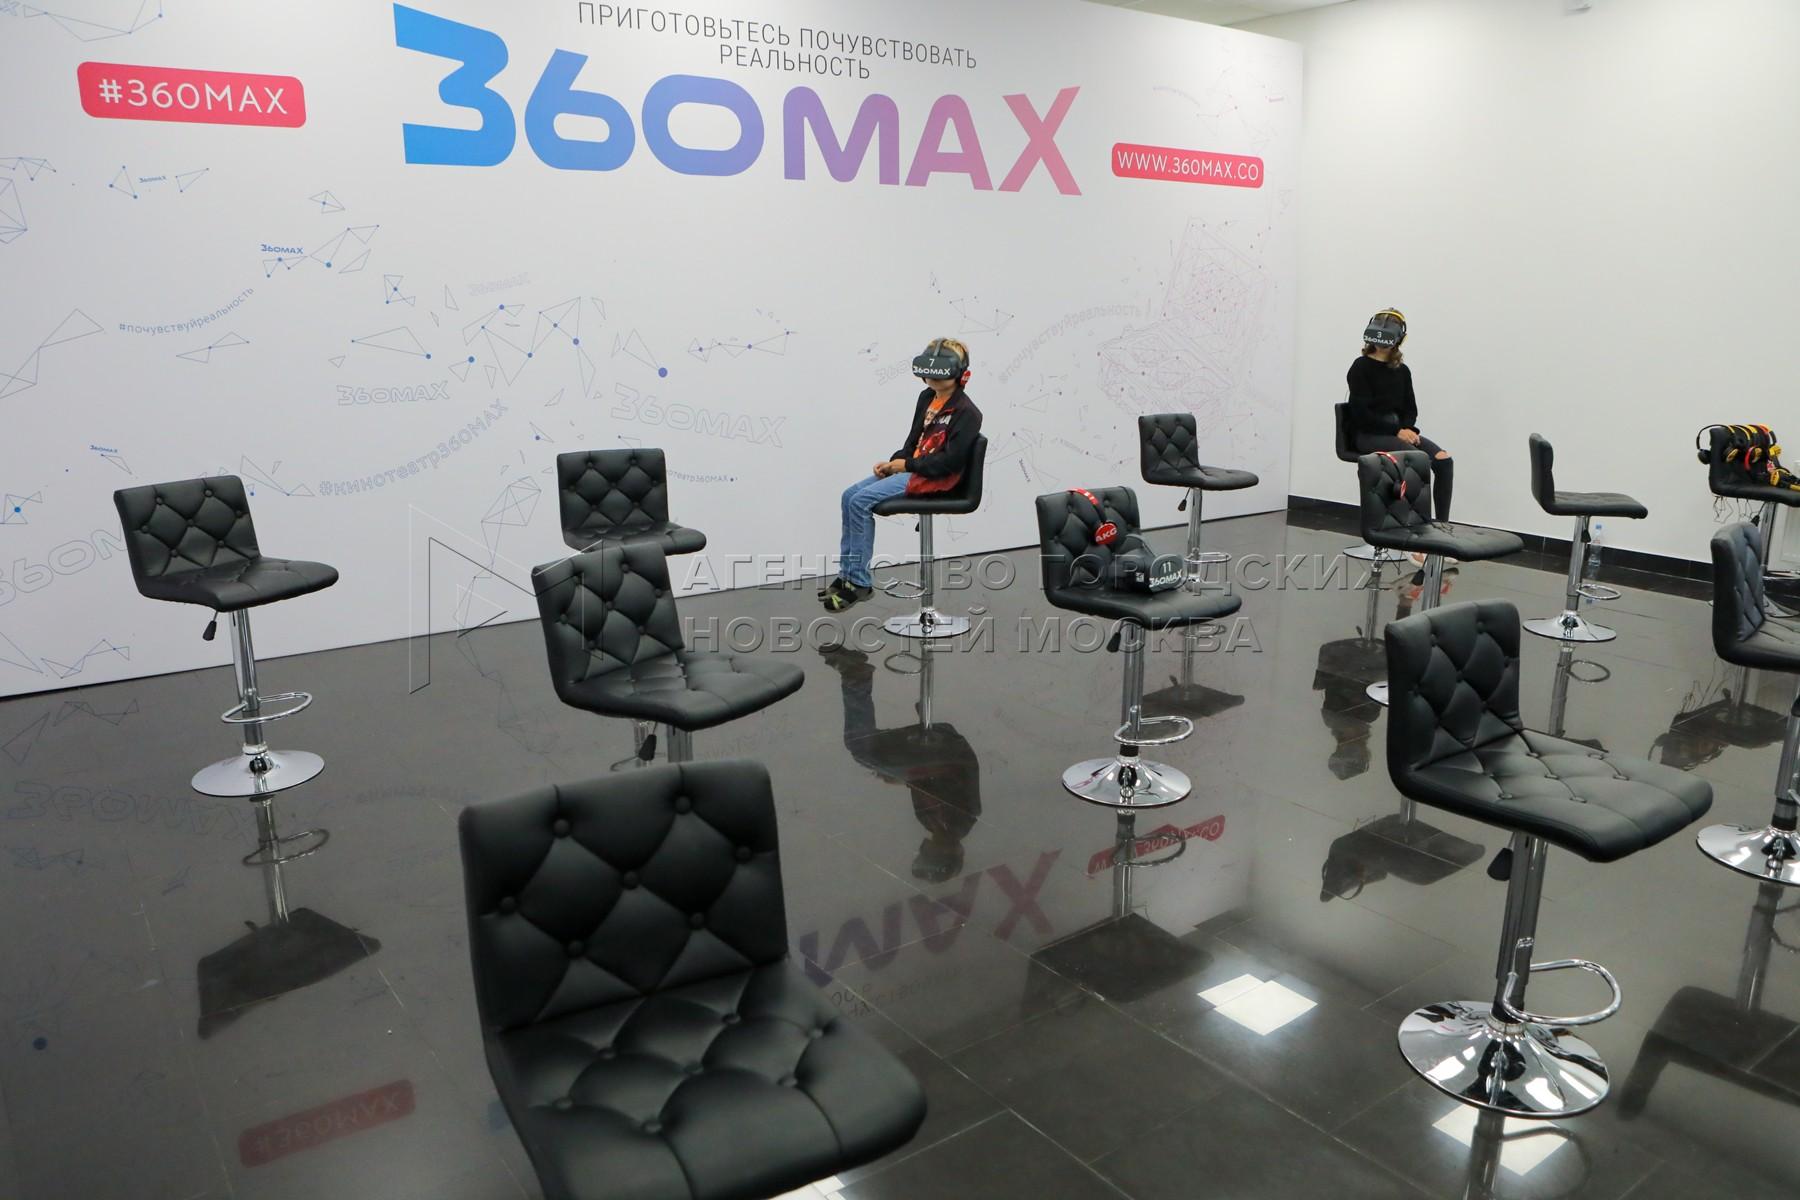 Открытие VR-кинотеатр 360Max в павильоне № 457 в рамках праздничных мероприятий в честь 81-летия ВДНХ.